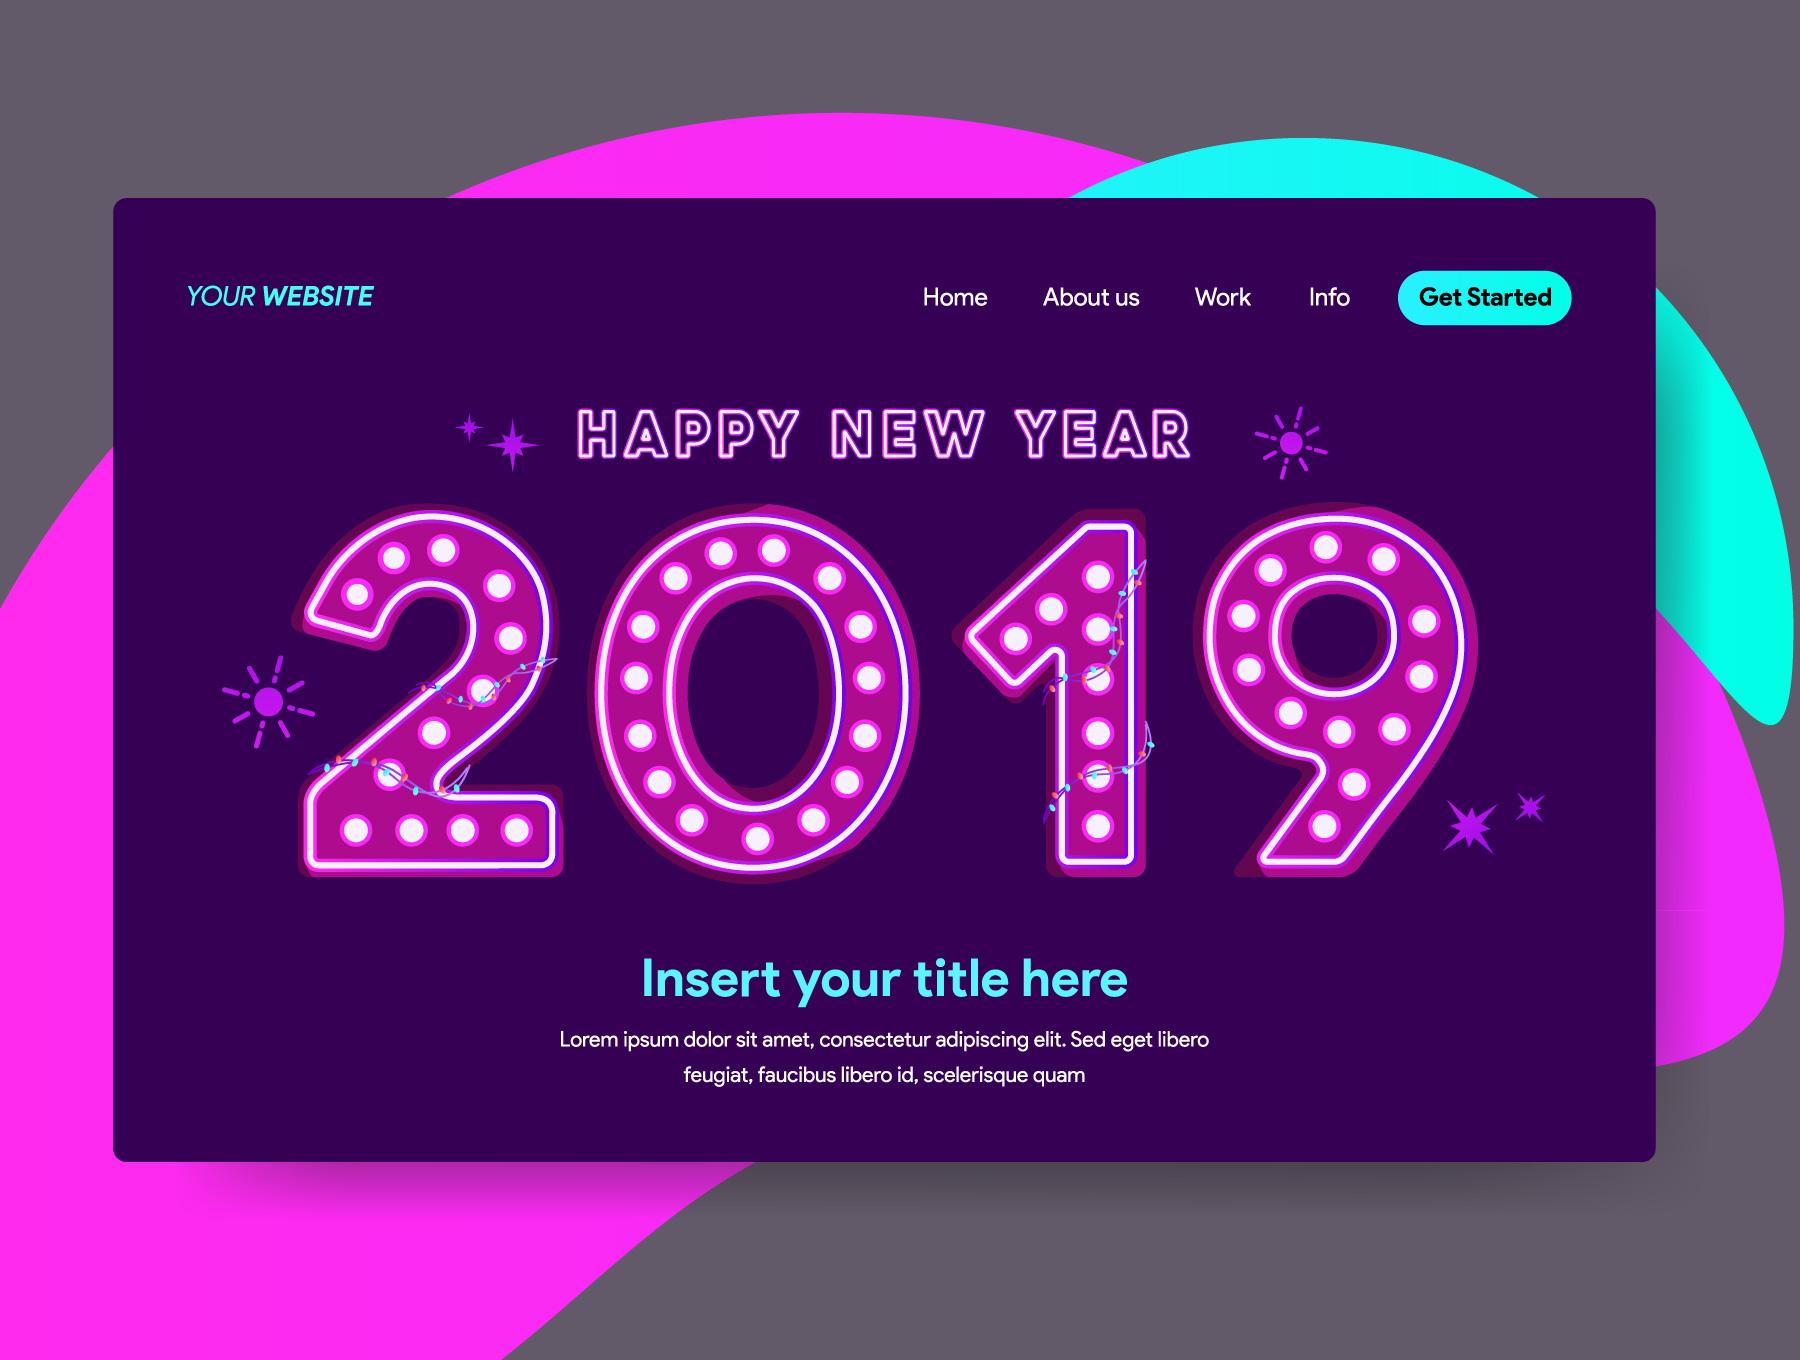 网站页面设计2019新年矢量概念插图素材 2019 New Year Illustrations插图(4)